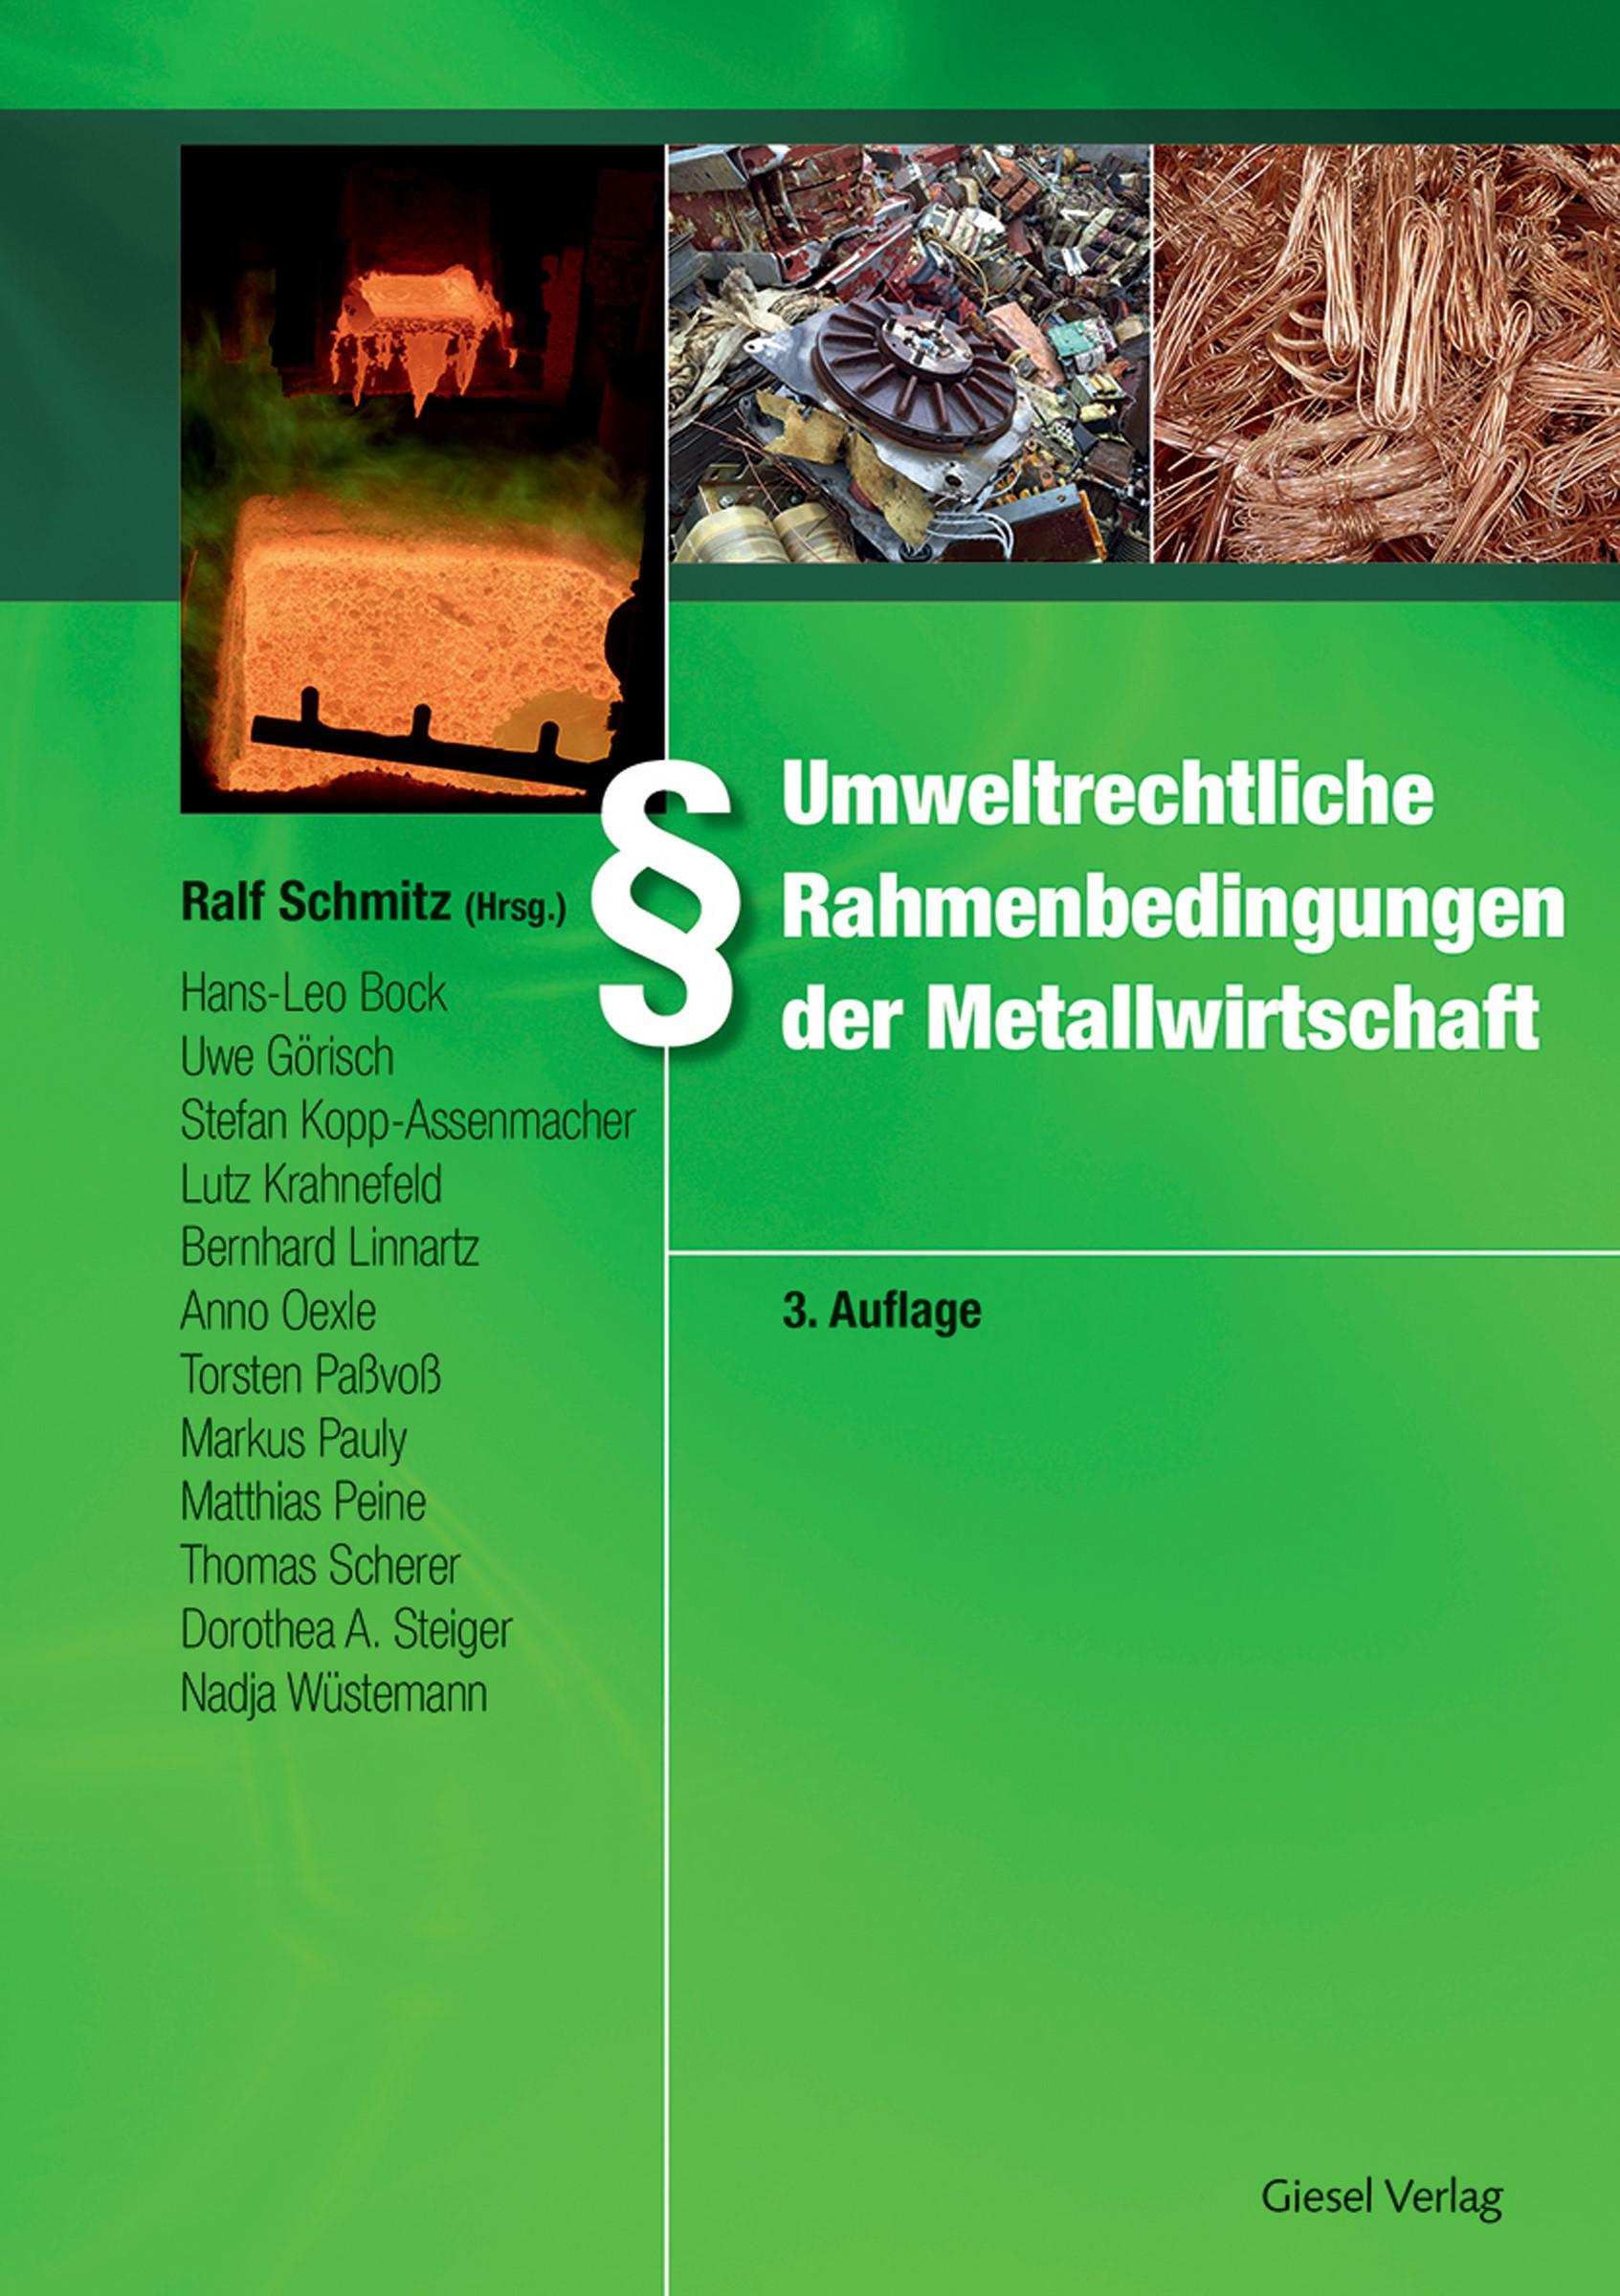 Umweltrechtliche Rahmenbedingungen der Metallwirtschaft | Schmitz, 2017 | Buch (Cover)